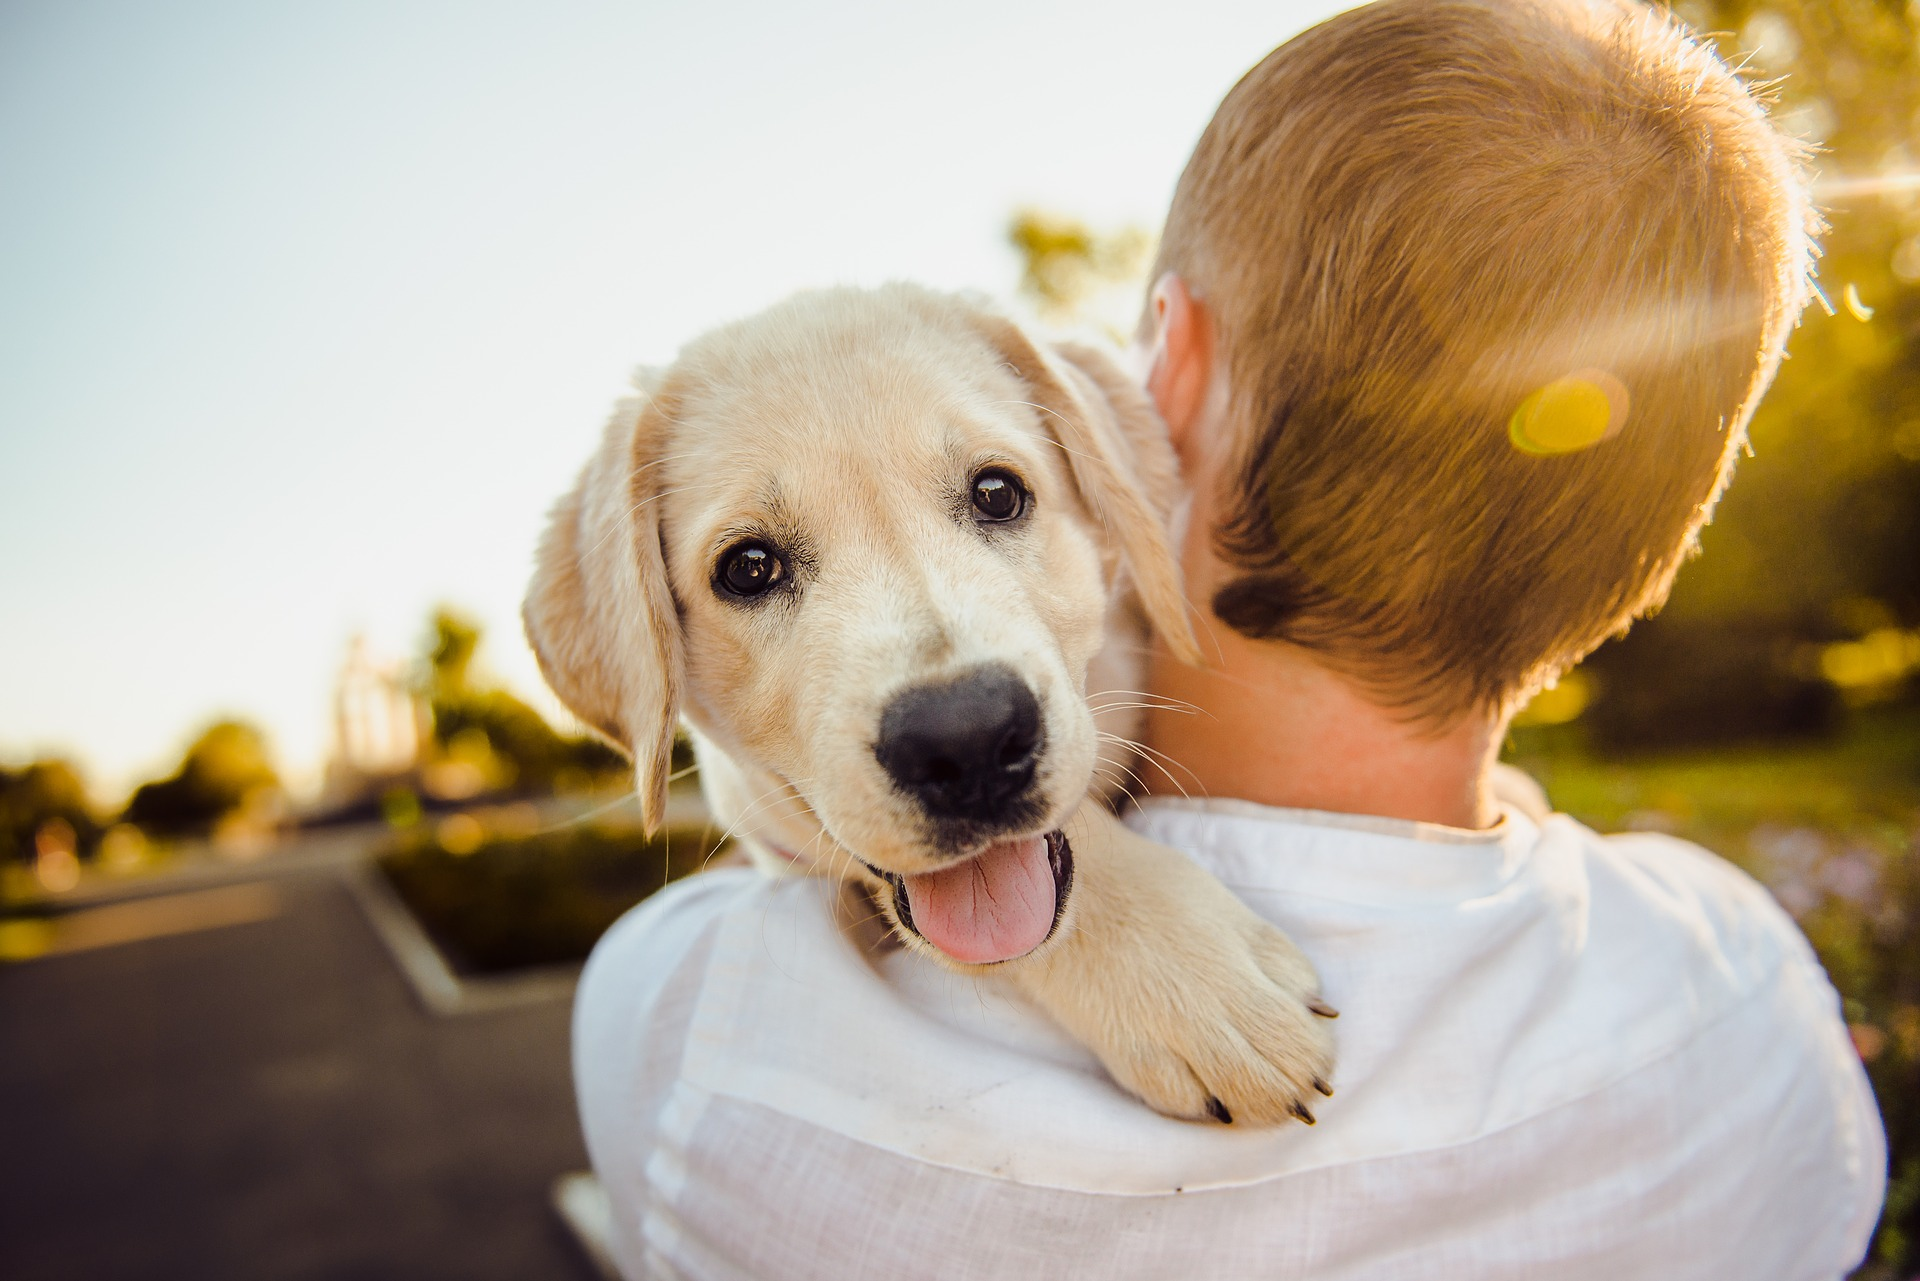 a boy hugging a puppy dog golden retriever